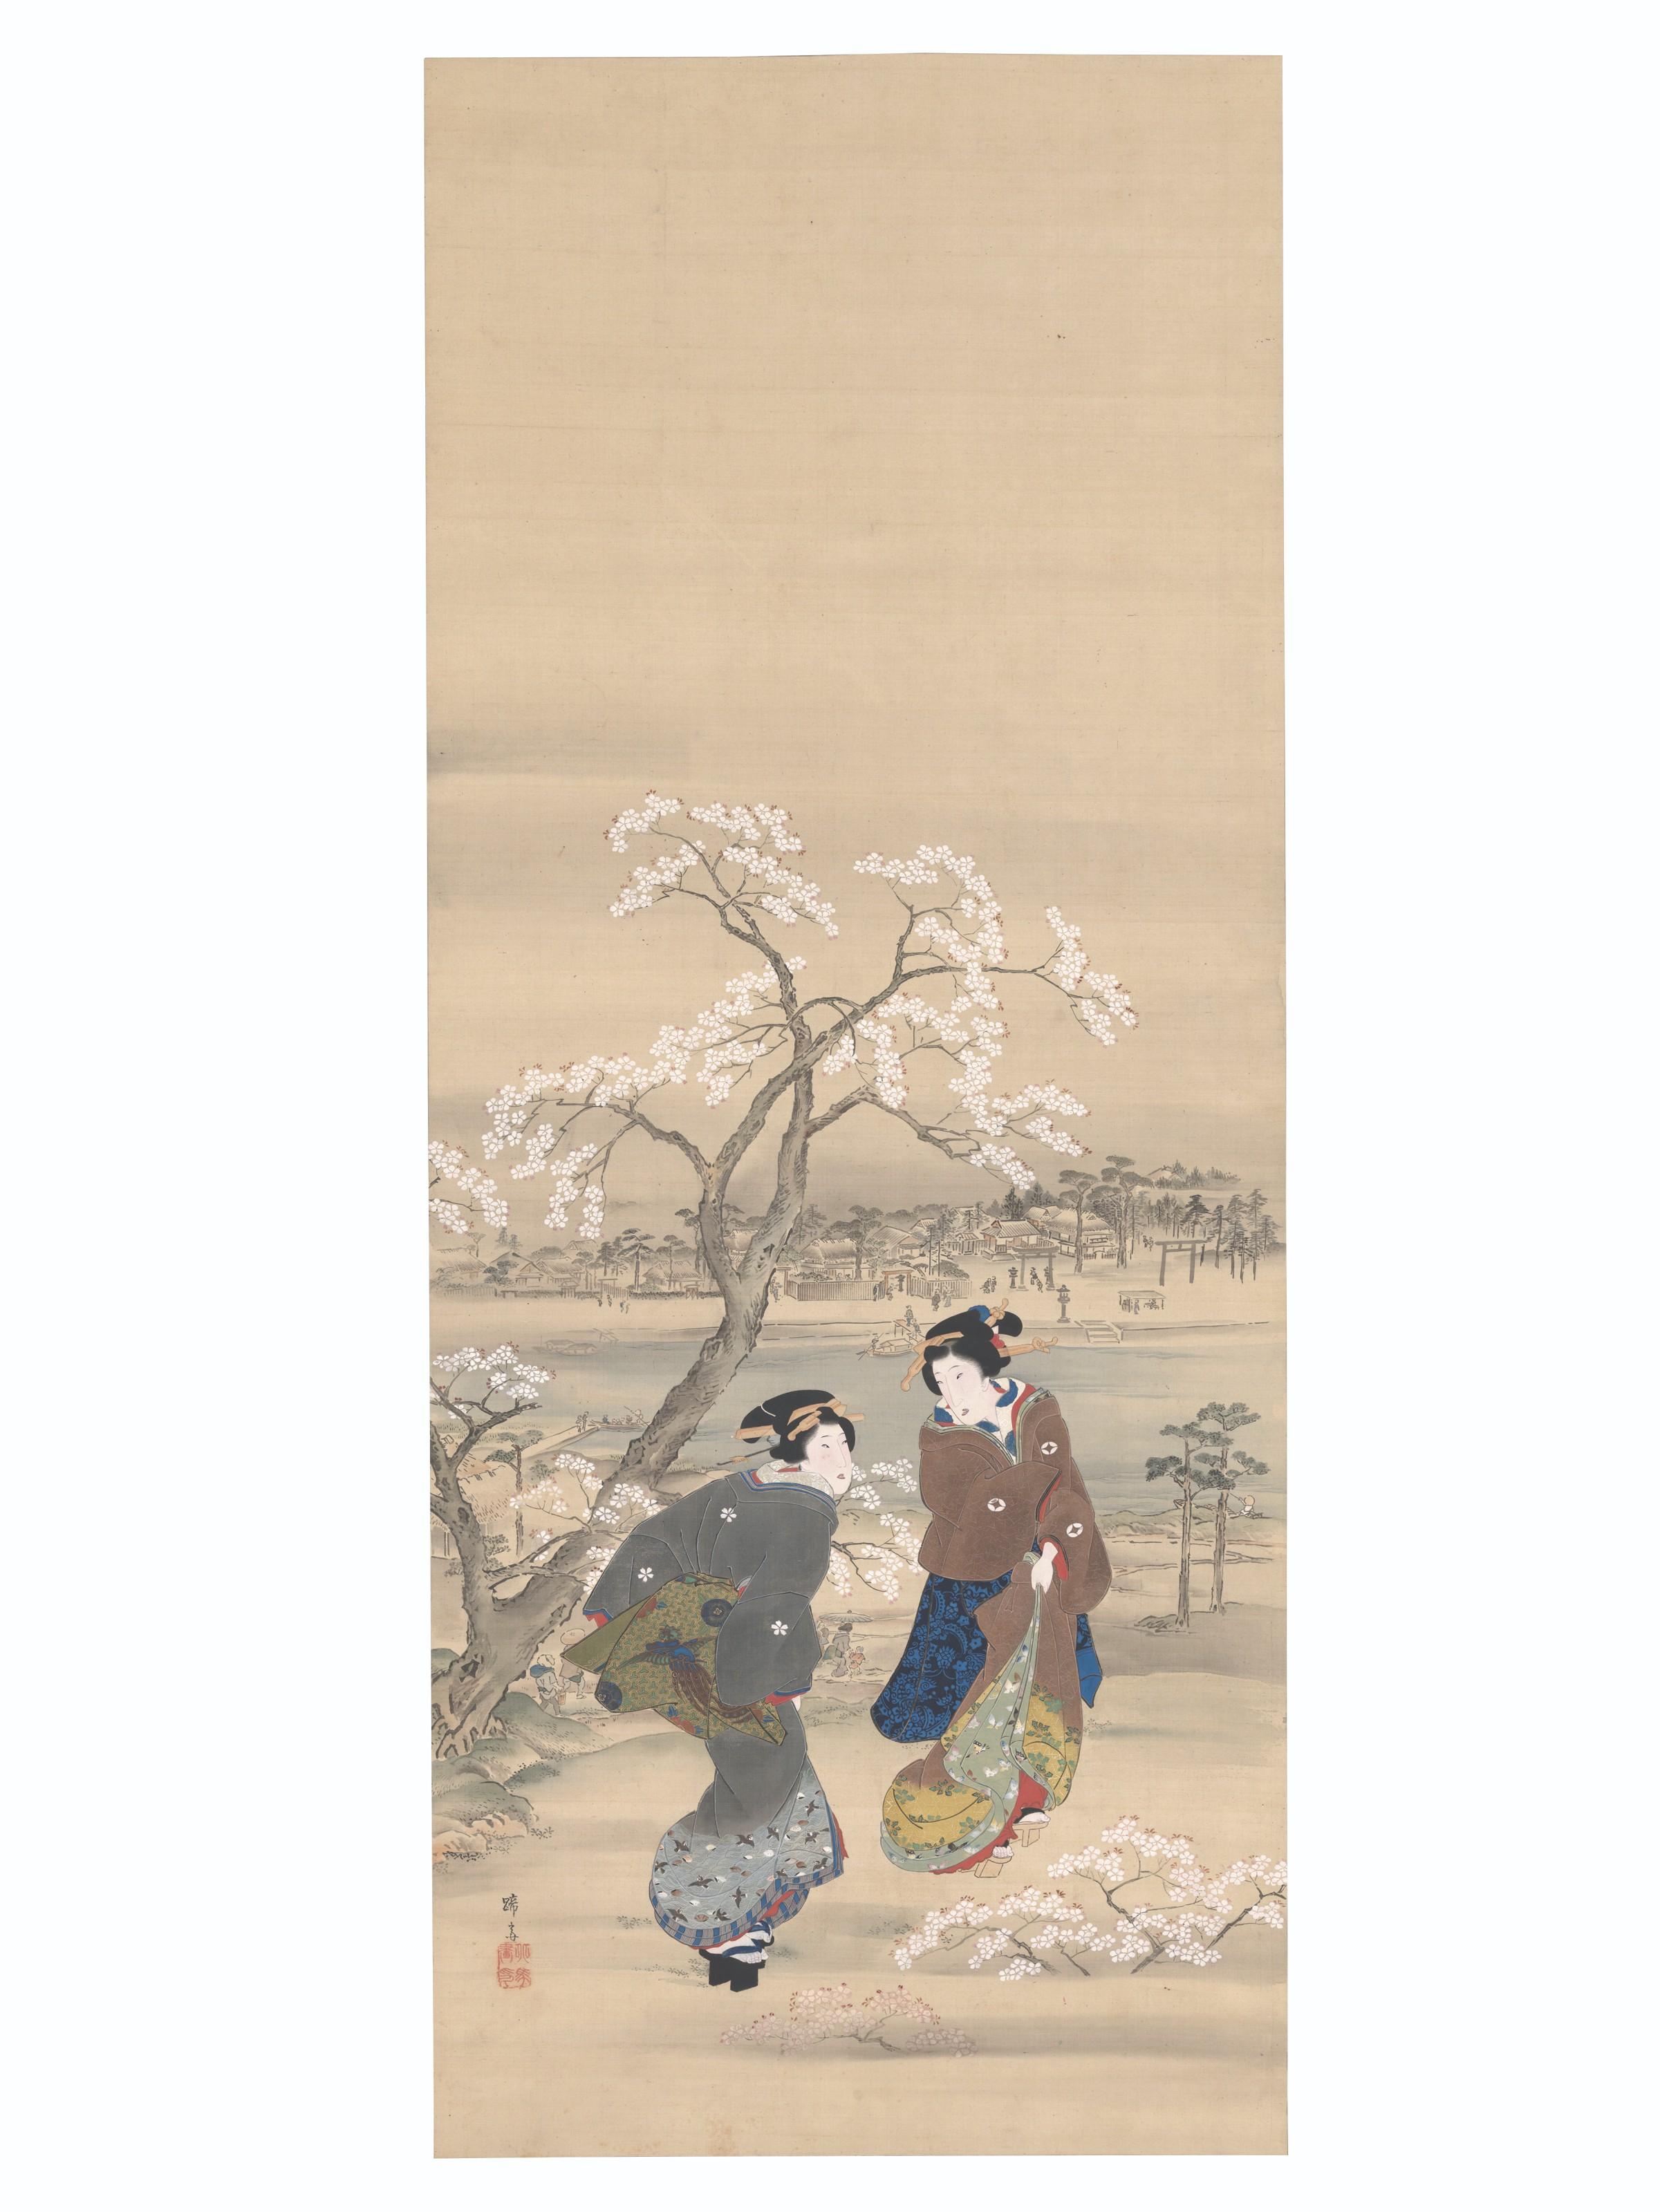 TEISAI HOKUBA (1771-1844)